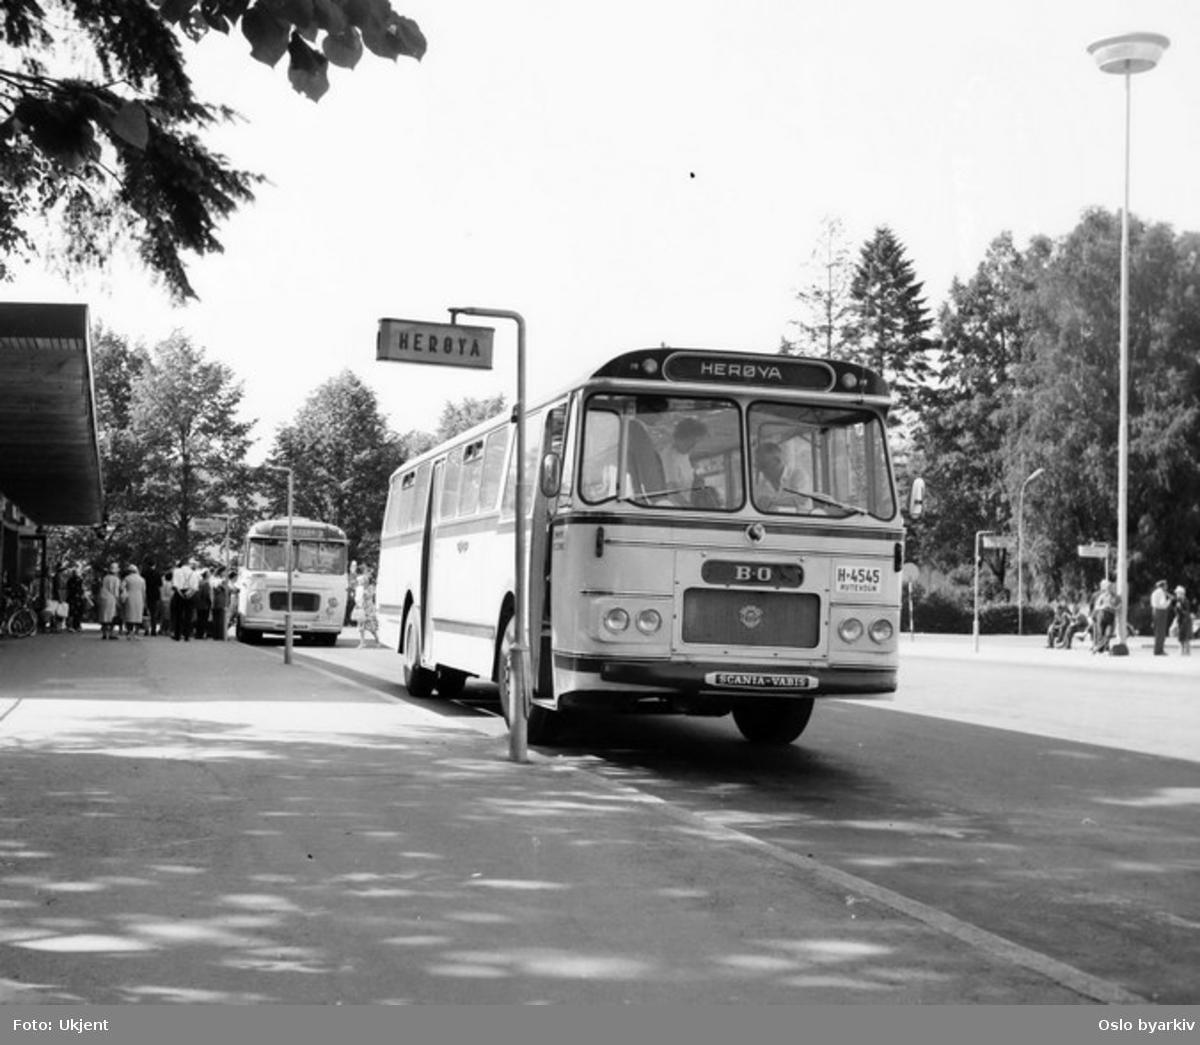 Bussrute til Herøya, Scania Vabis, nr. A-4545, BO-bussene i Skien. Turistgrupper går ut av bussen bak.